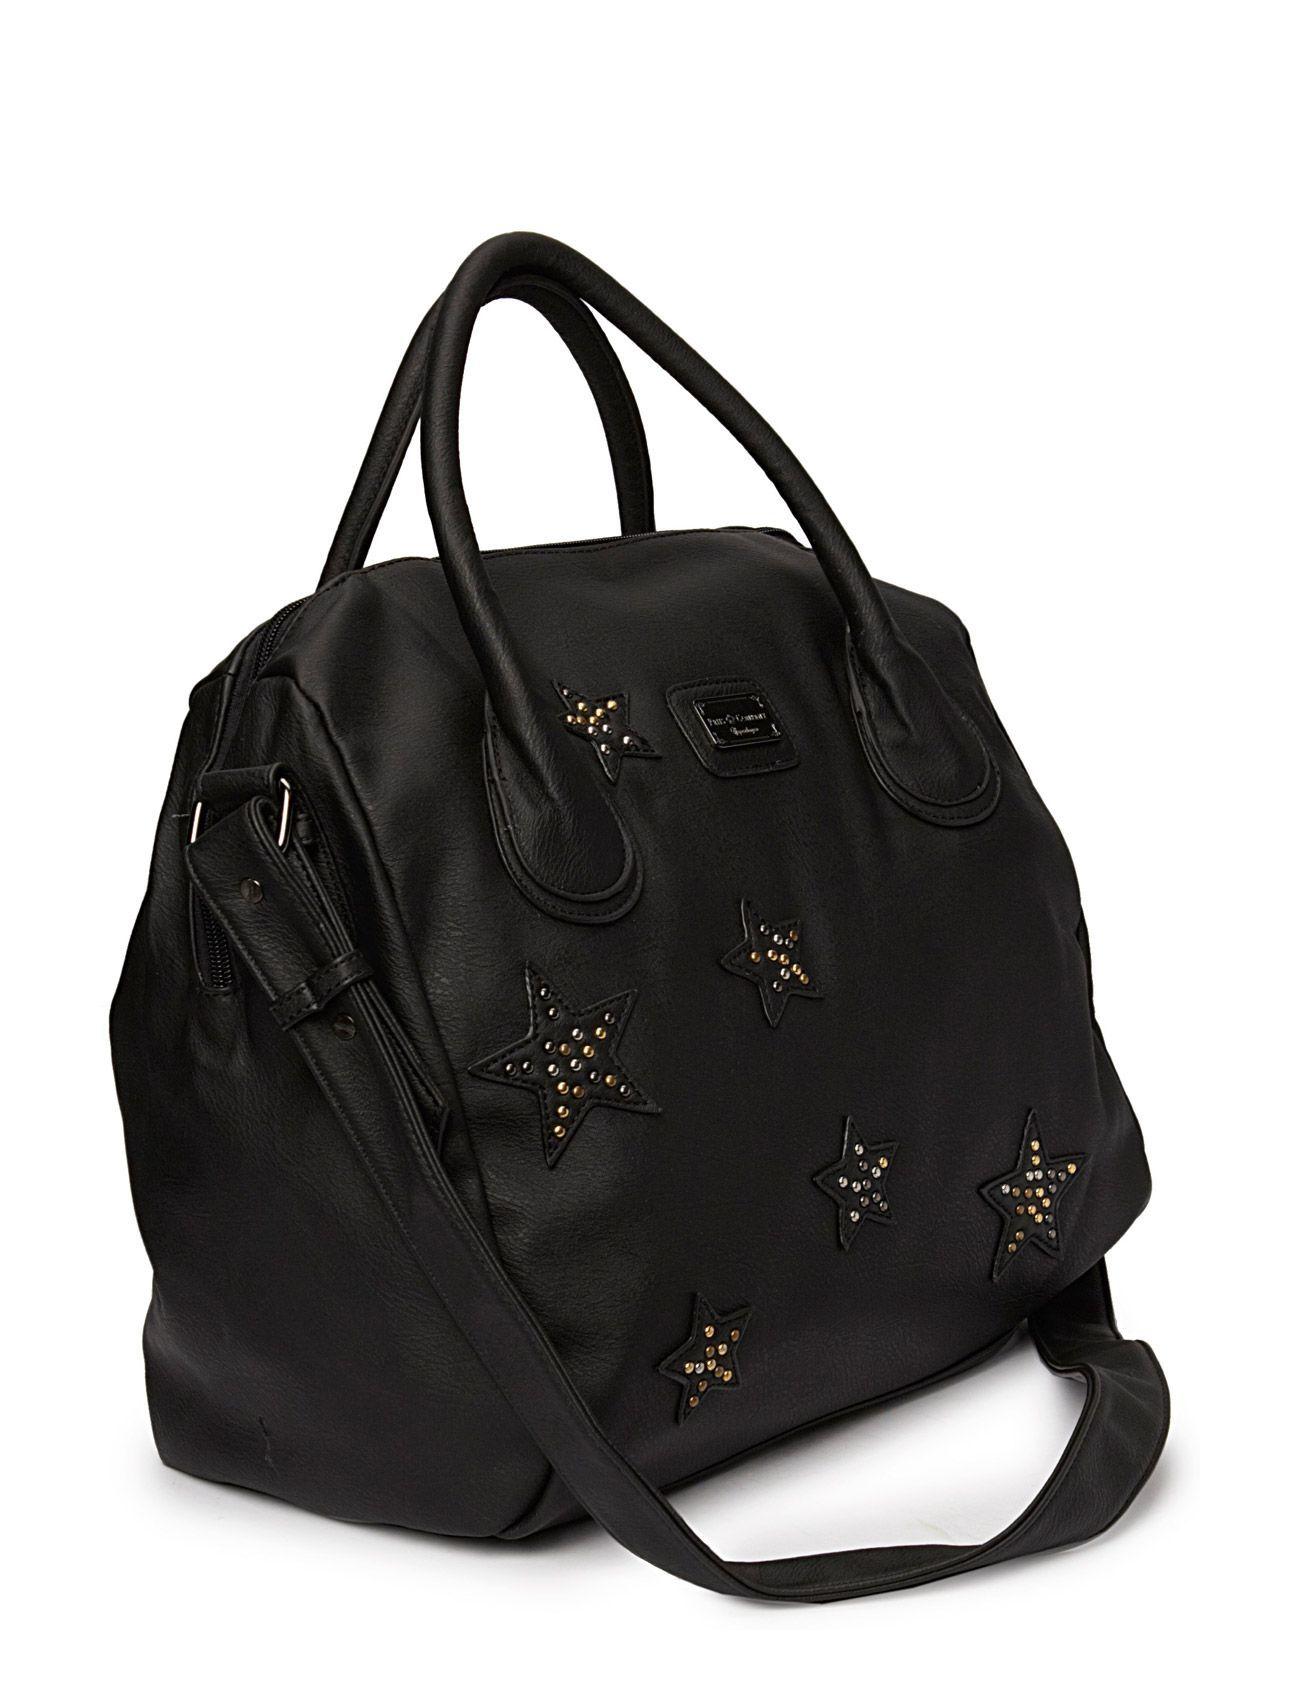 Friis & Company Elken Handbag